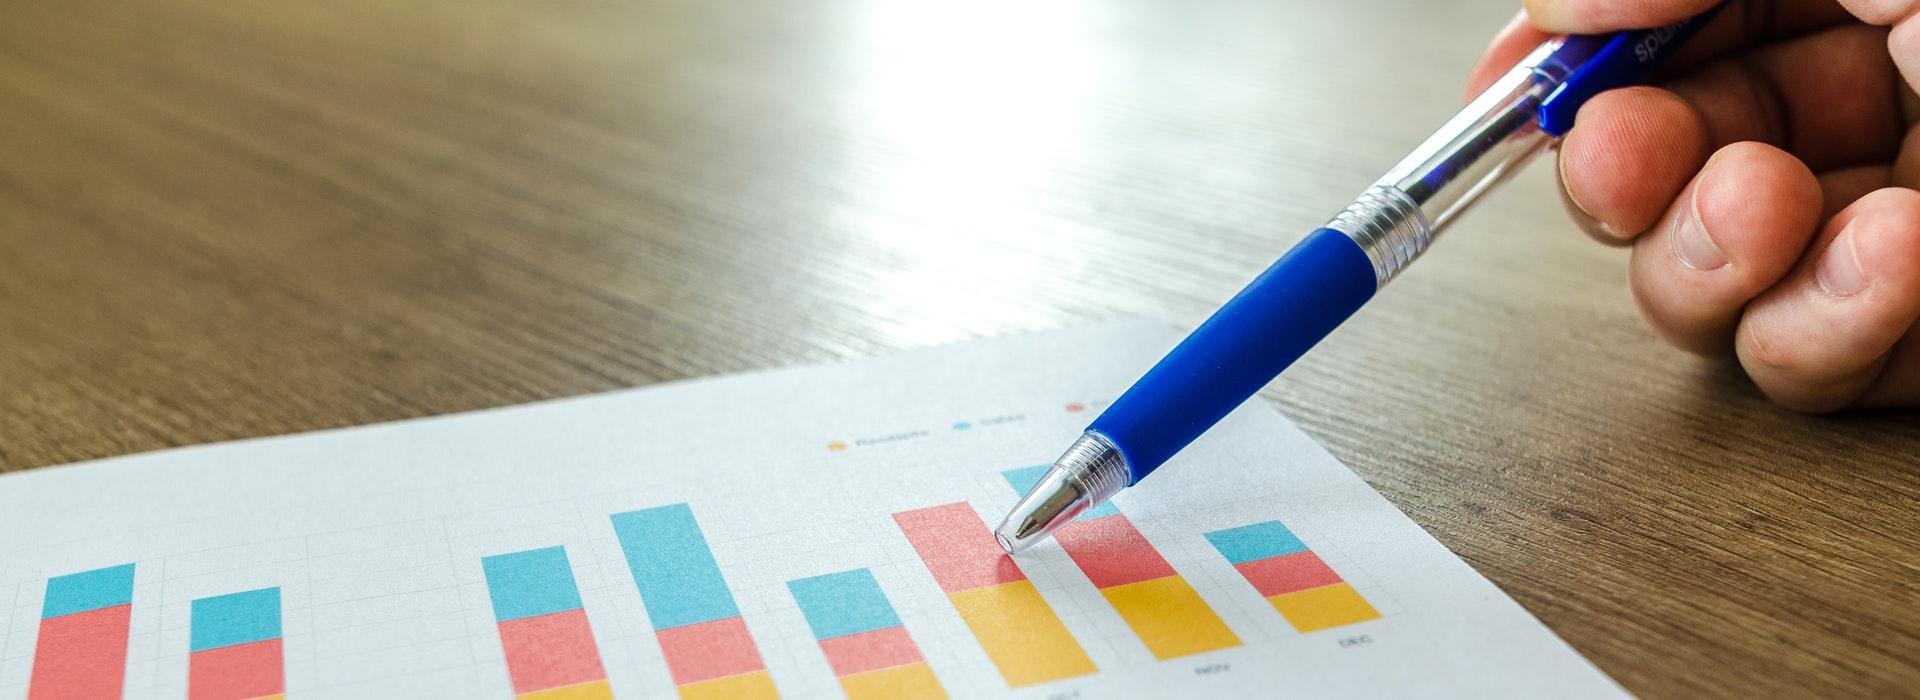 Main tenant un stylo au-dessus d'un graphique à barres bleu et orange